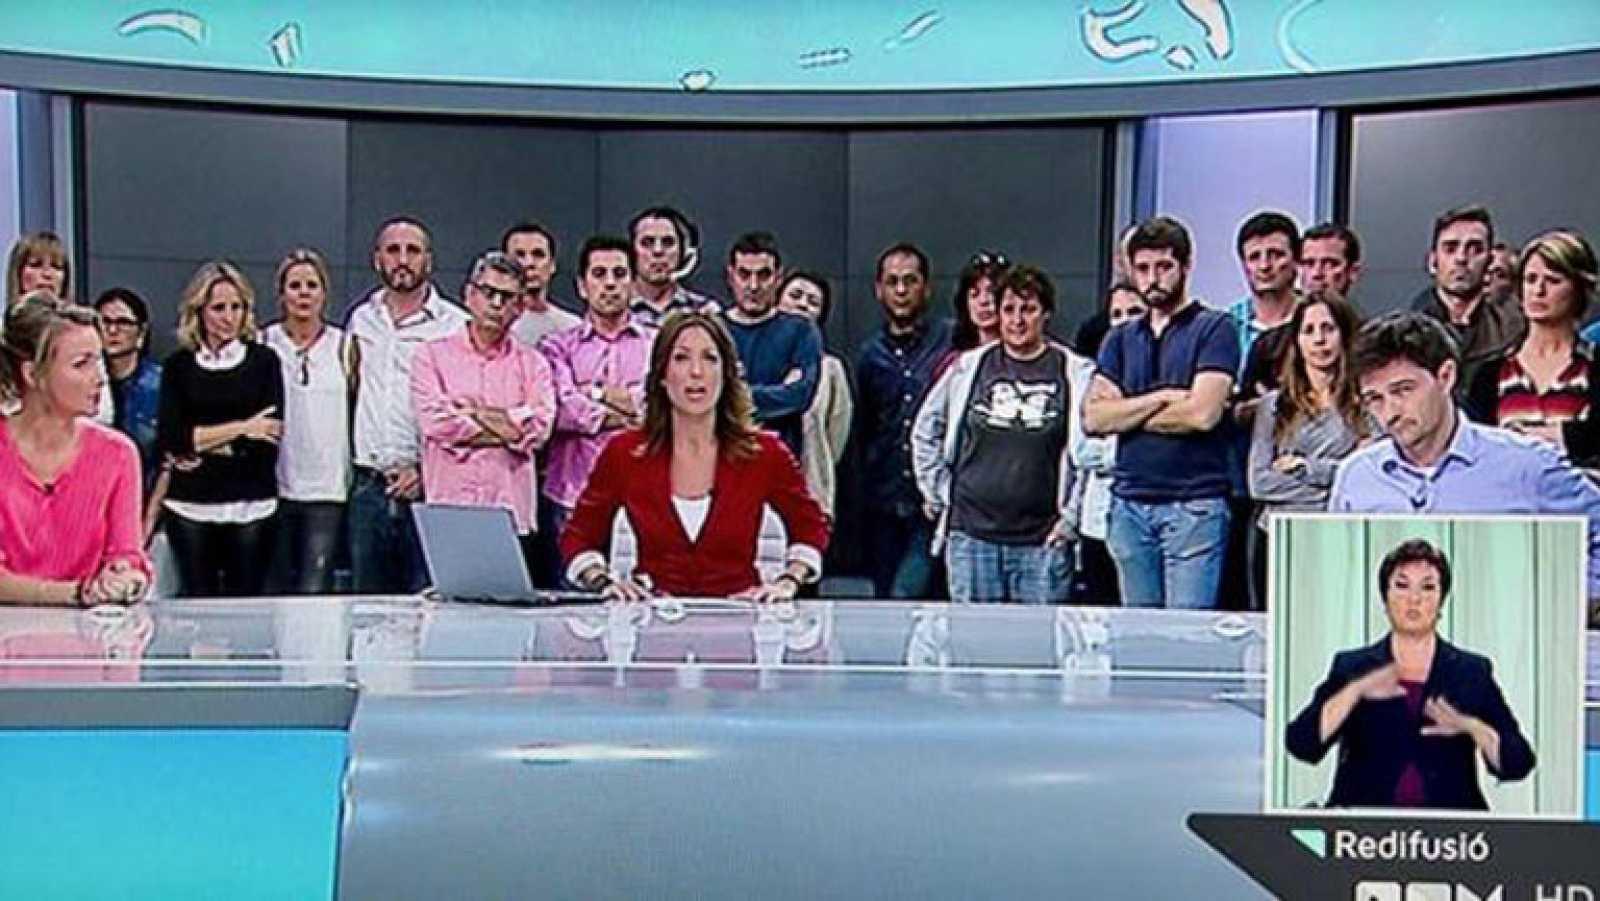 Imputados cinco exdirectivos de Canal 9 por presunta malversación en la gestión del ente